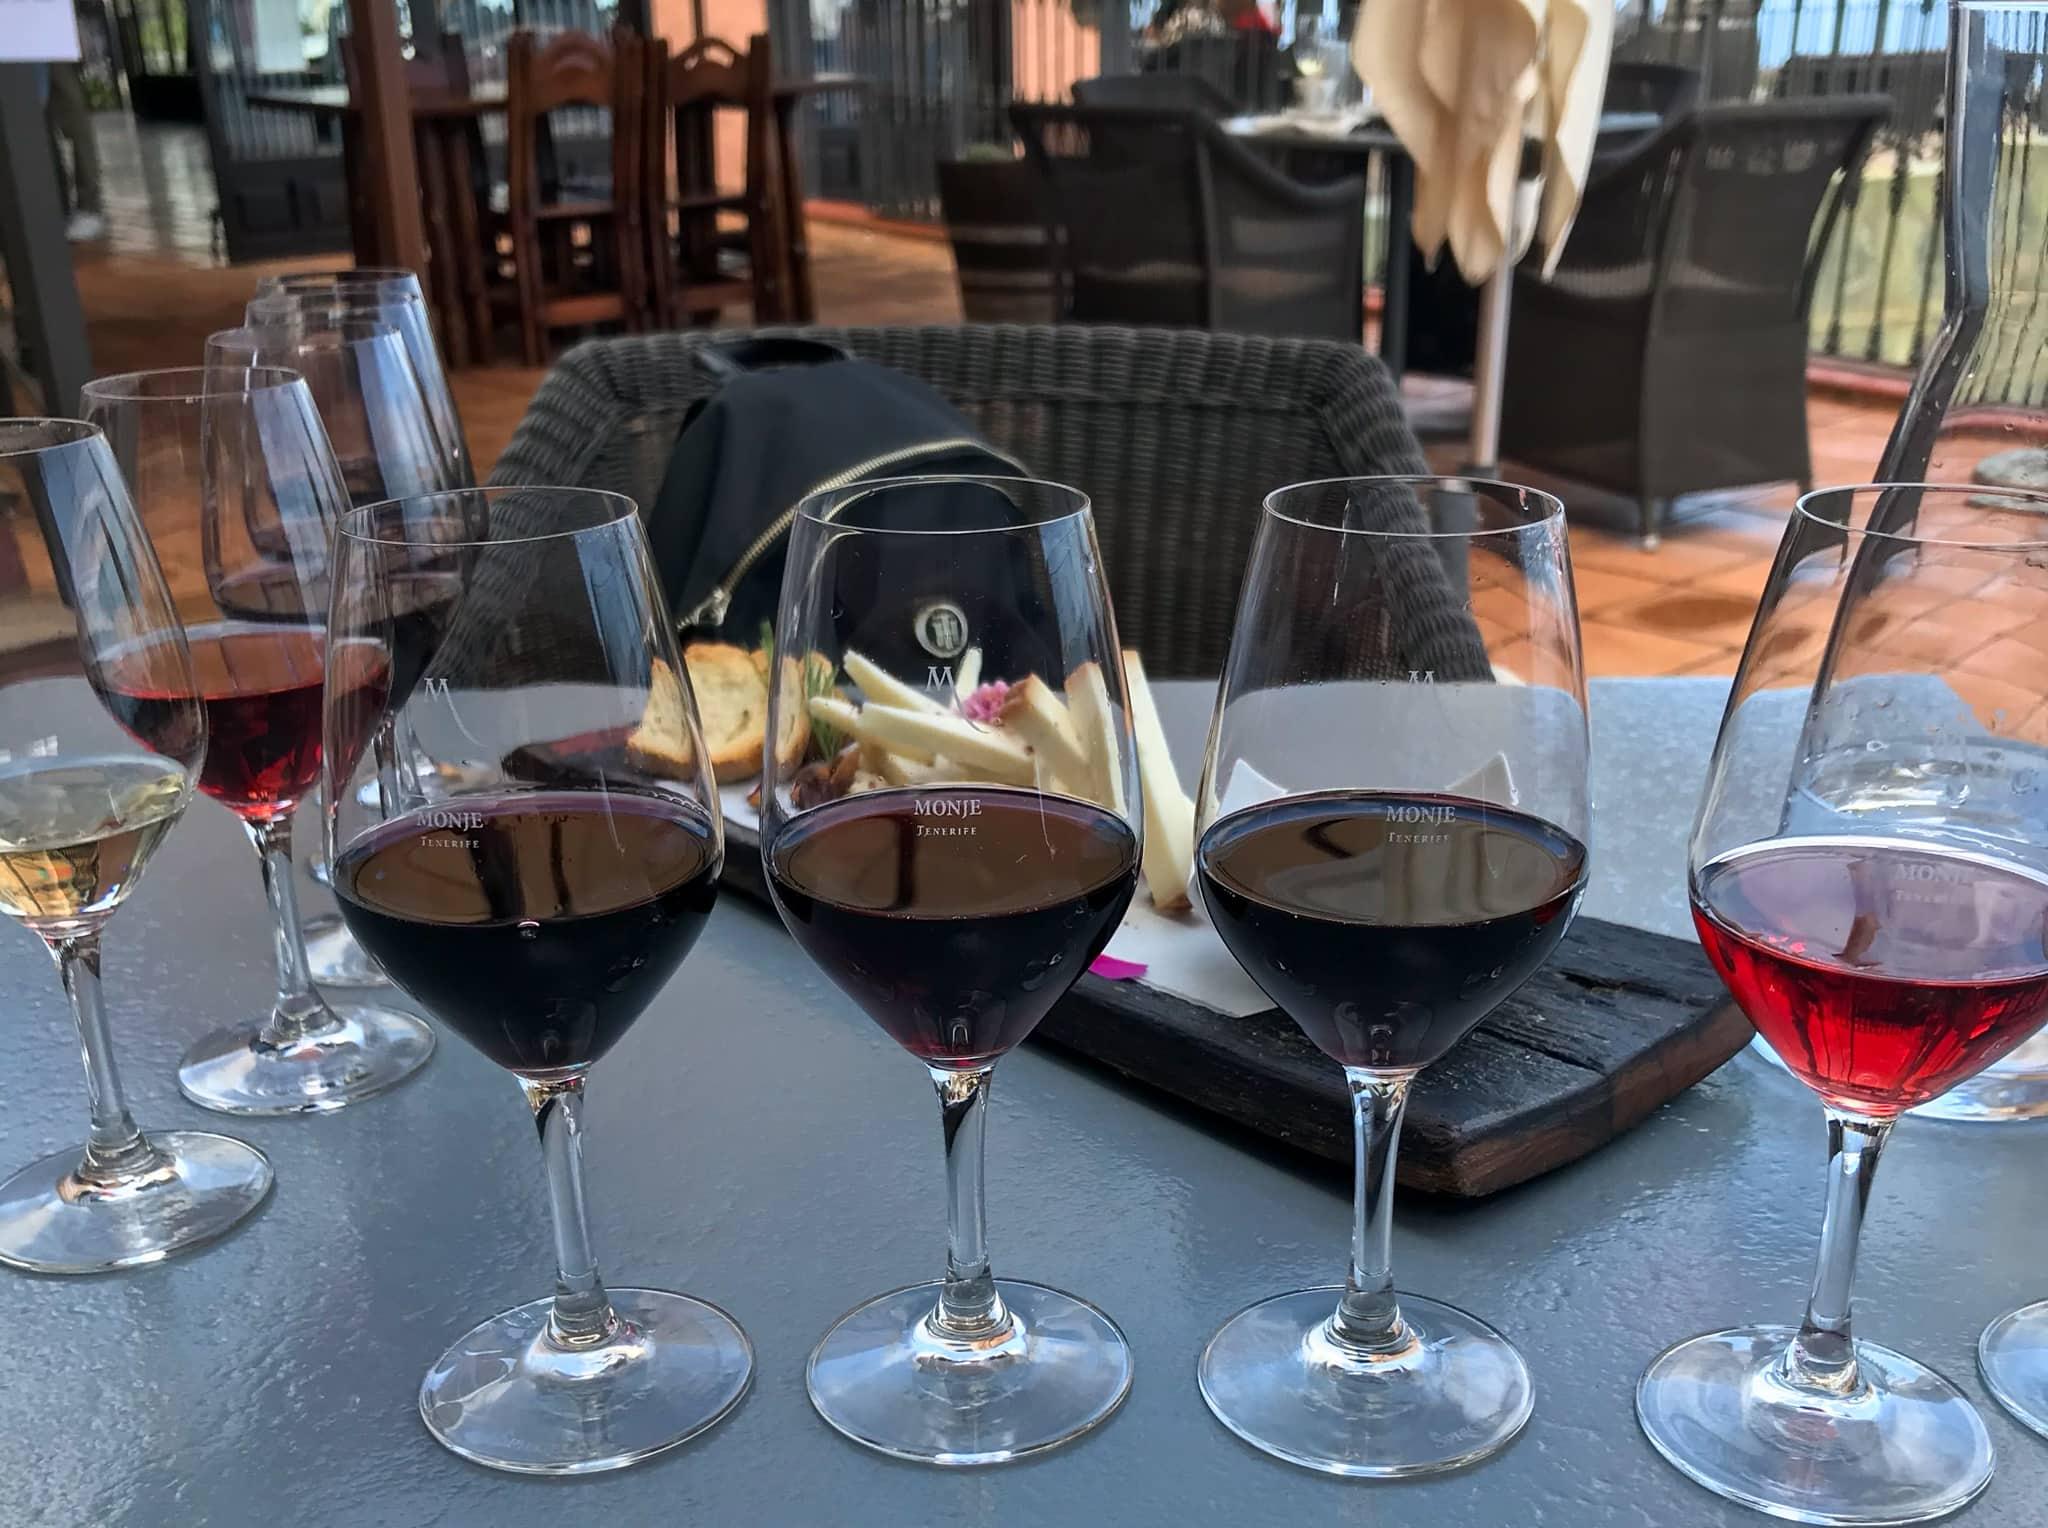 Экскусия на винодельню Monje с дегустацией вин или обедом